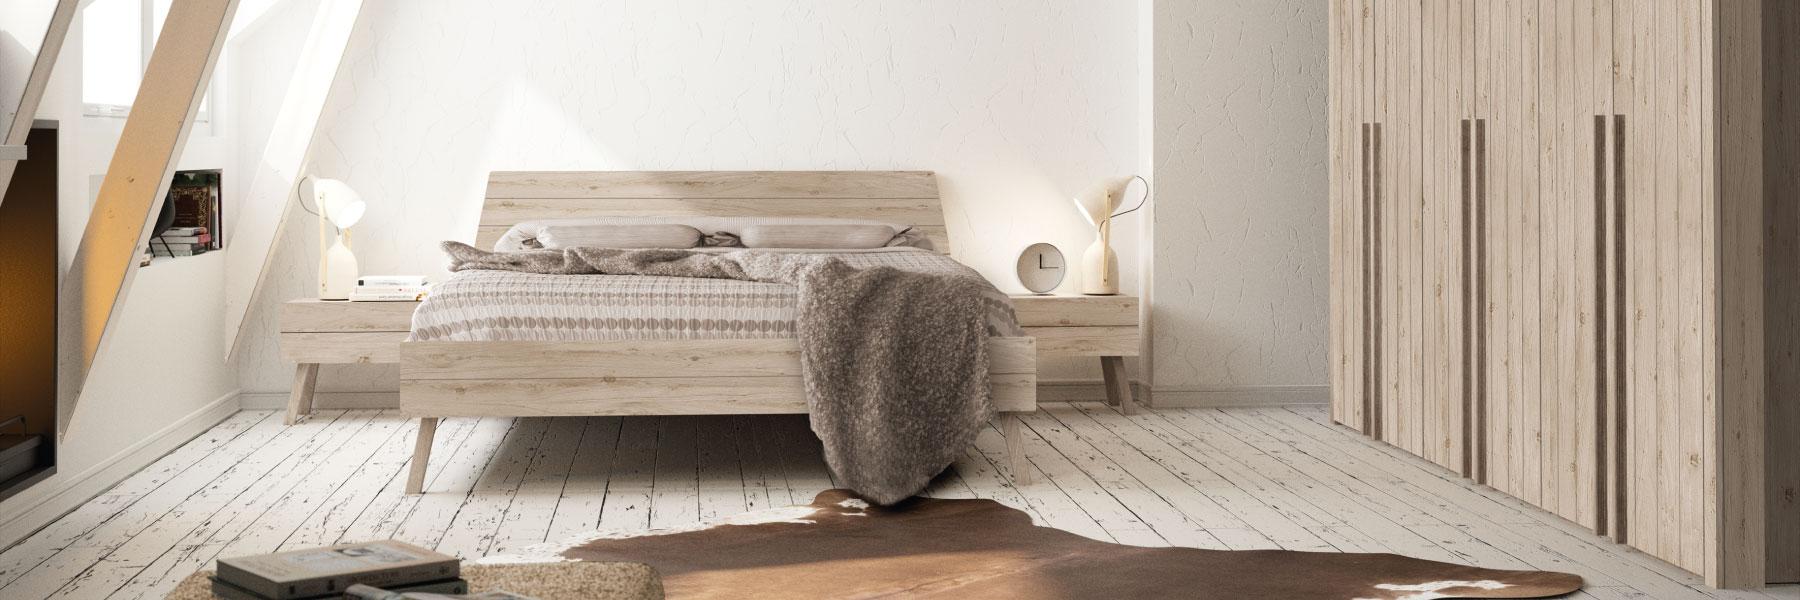 inspiratie-slaapkamer